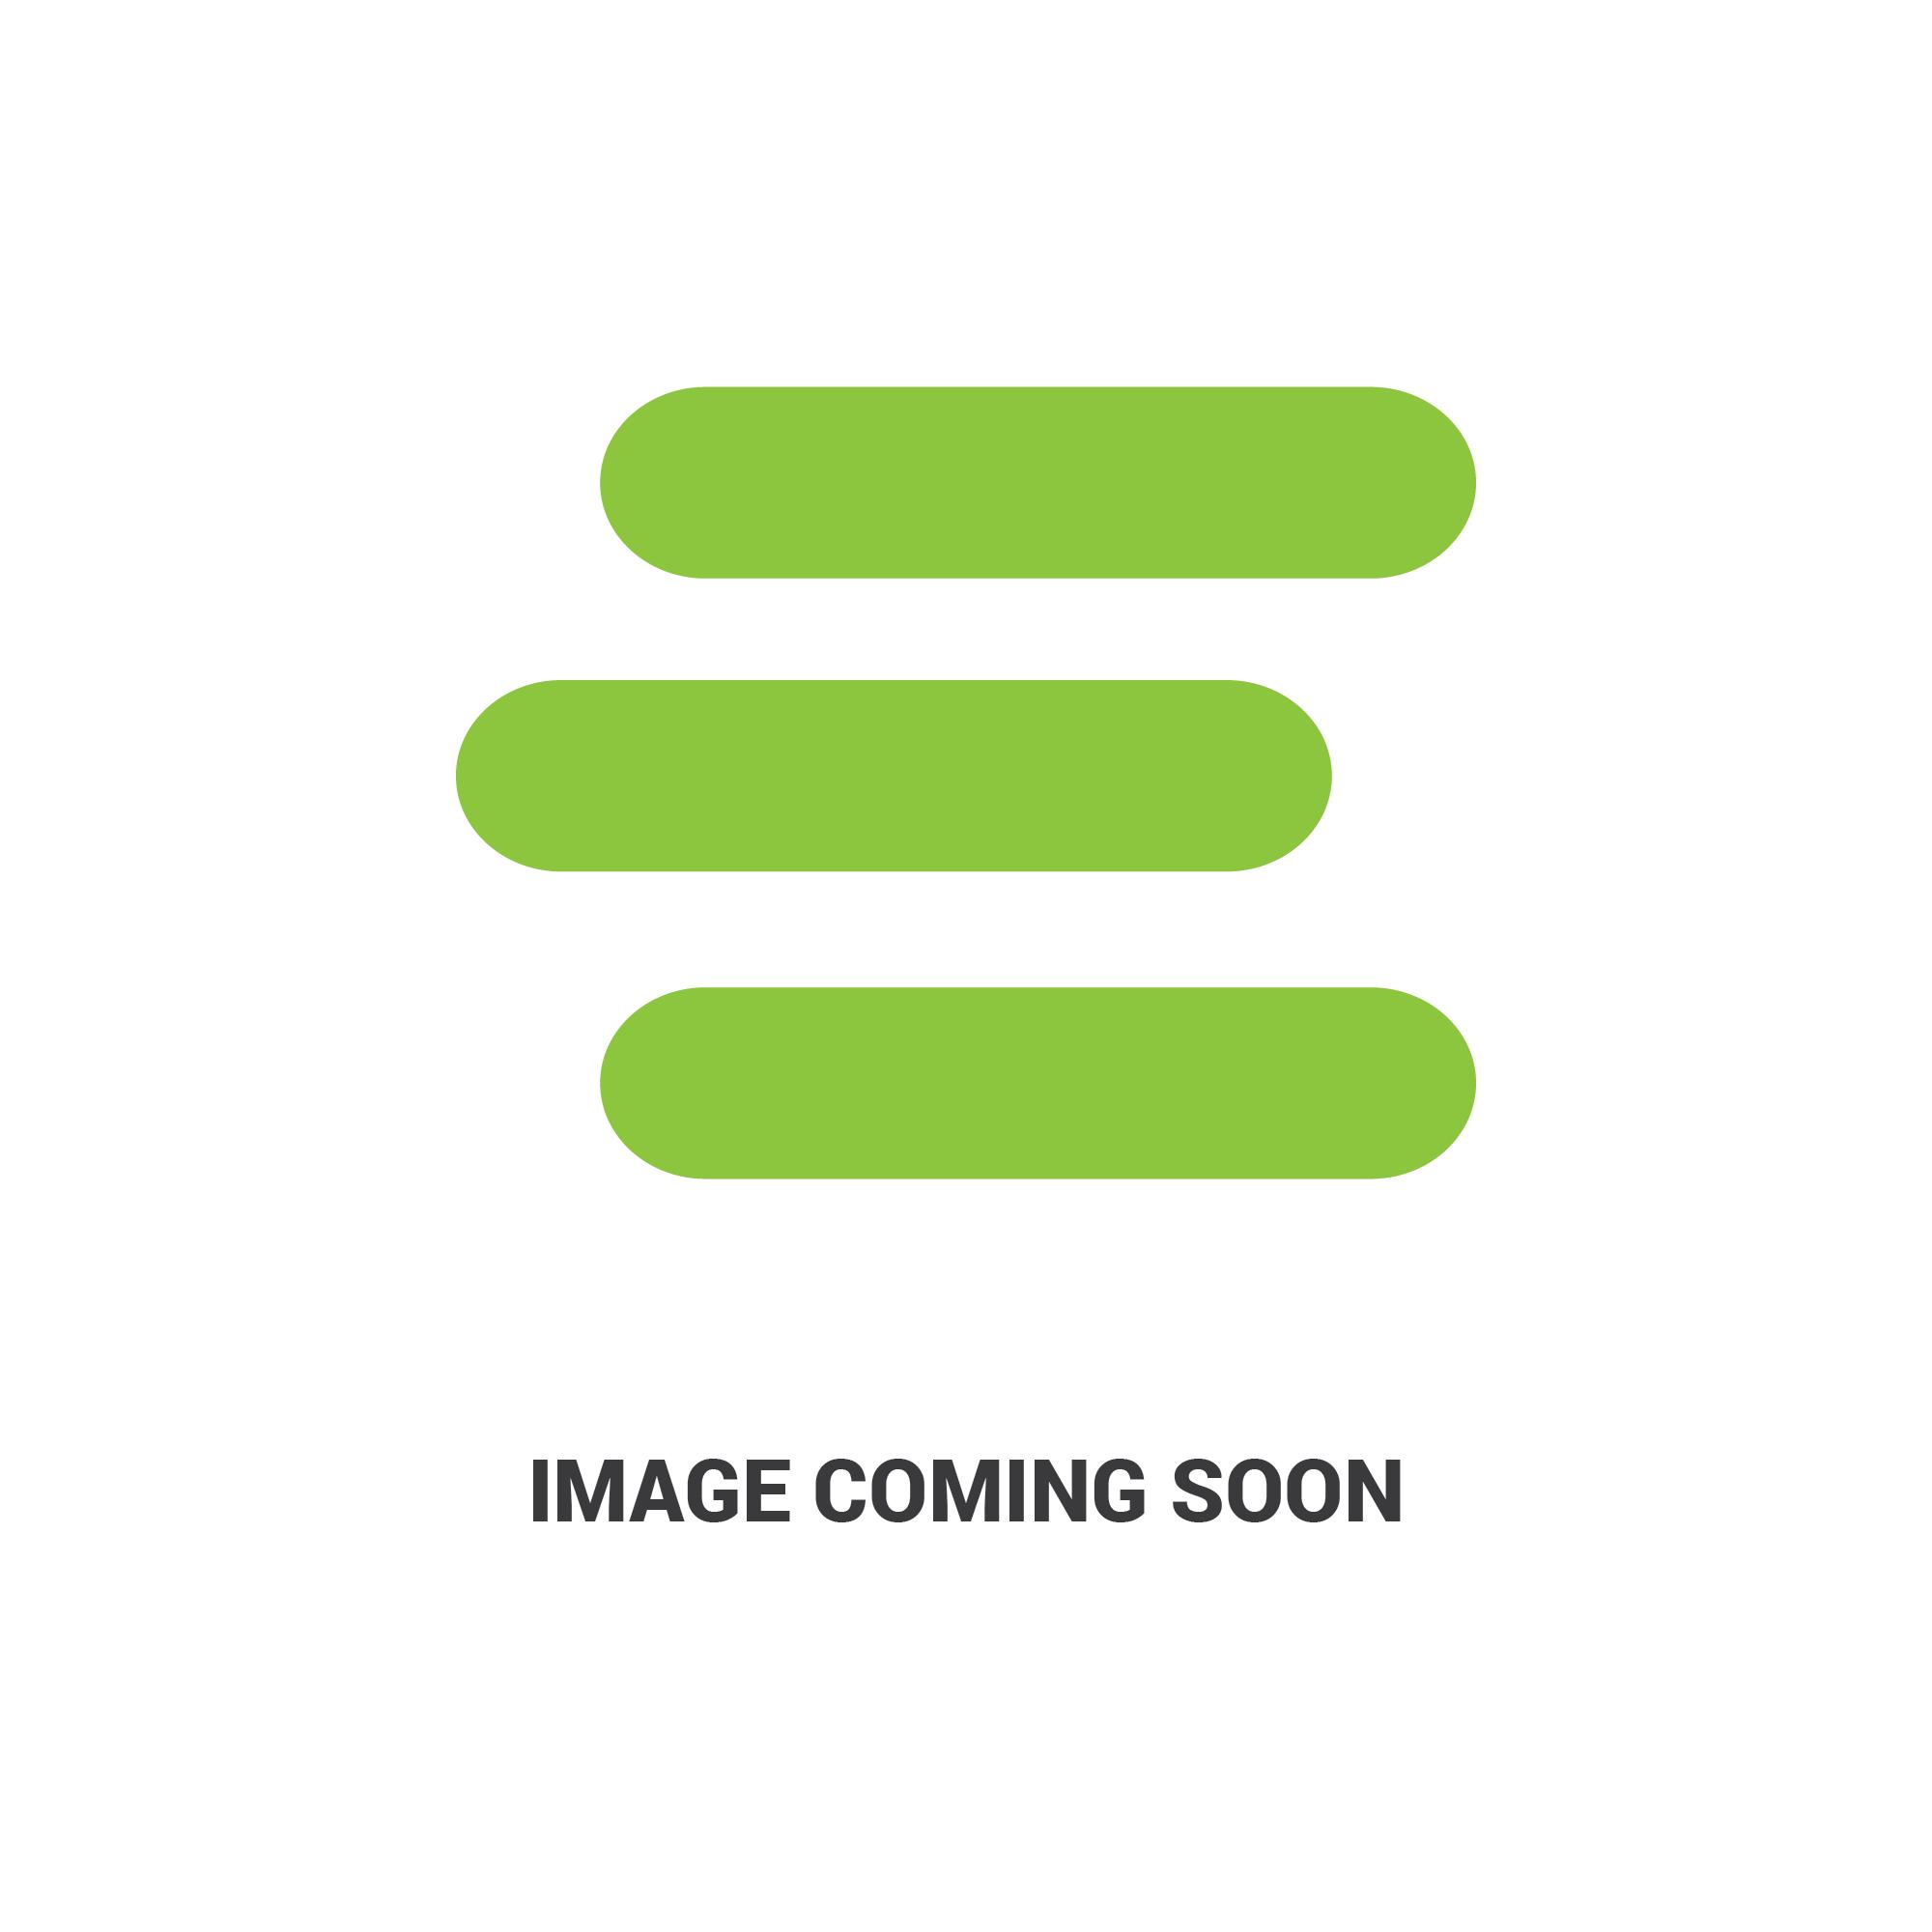 E-593292C1edit 1.jpg